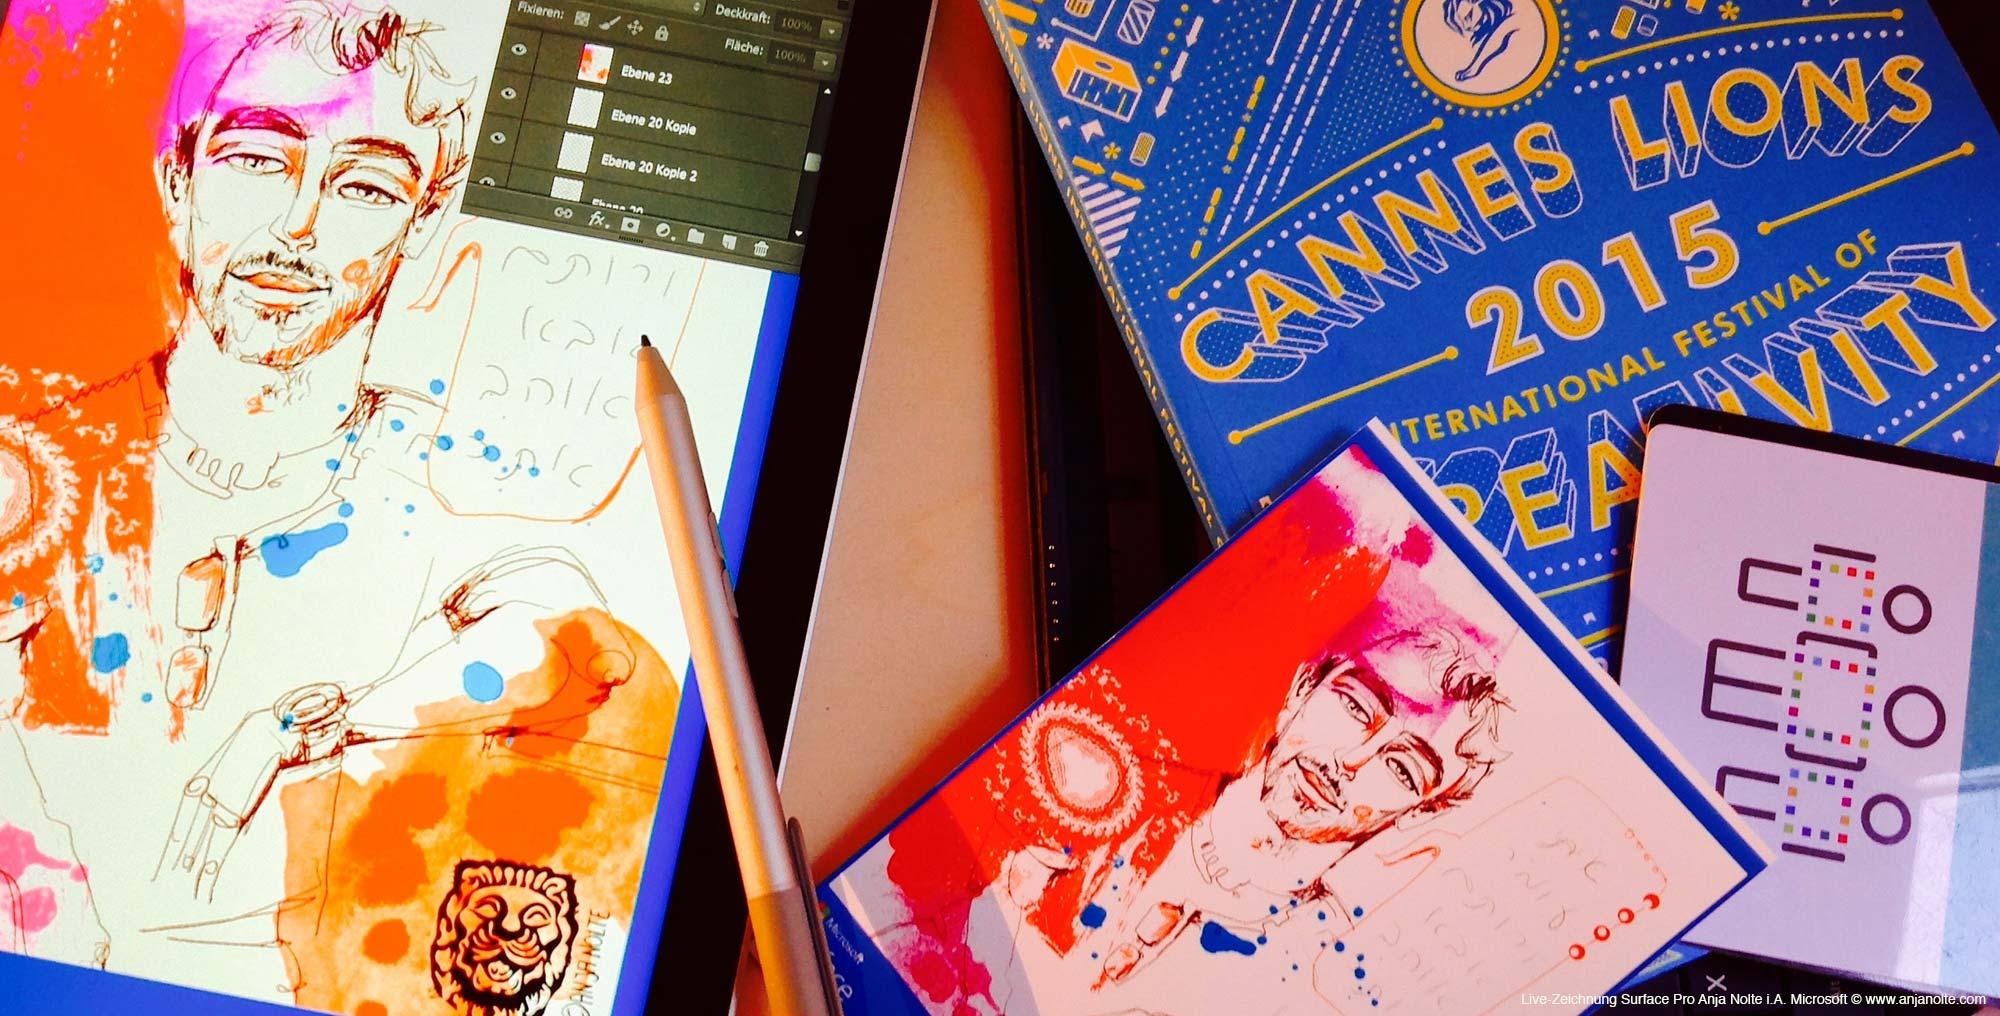 Anja_Nolte_Live-Zeichnen_Cannes_Fototablet